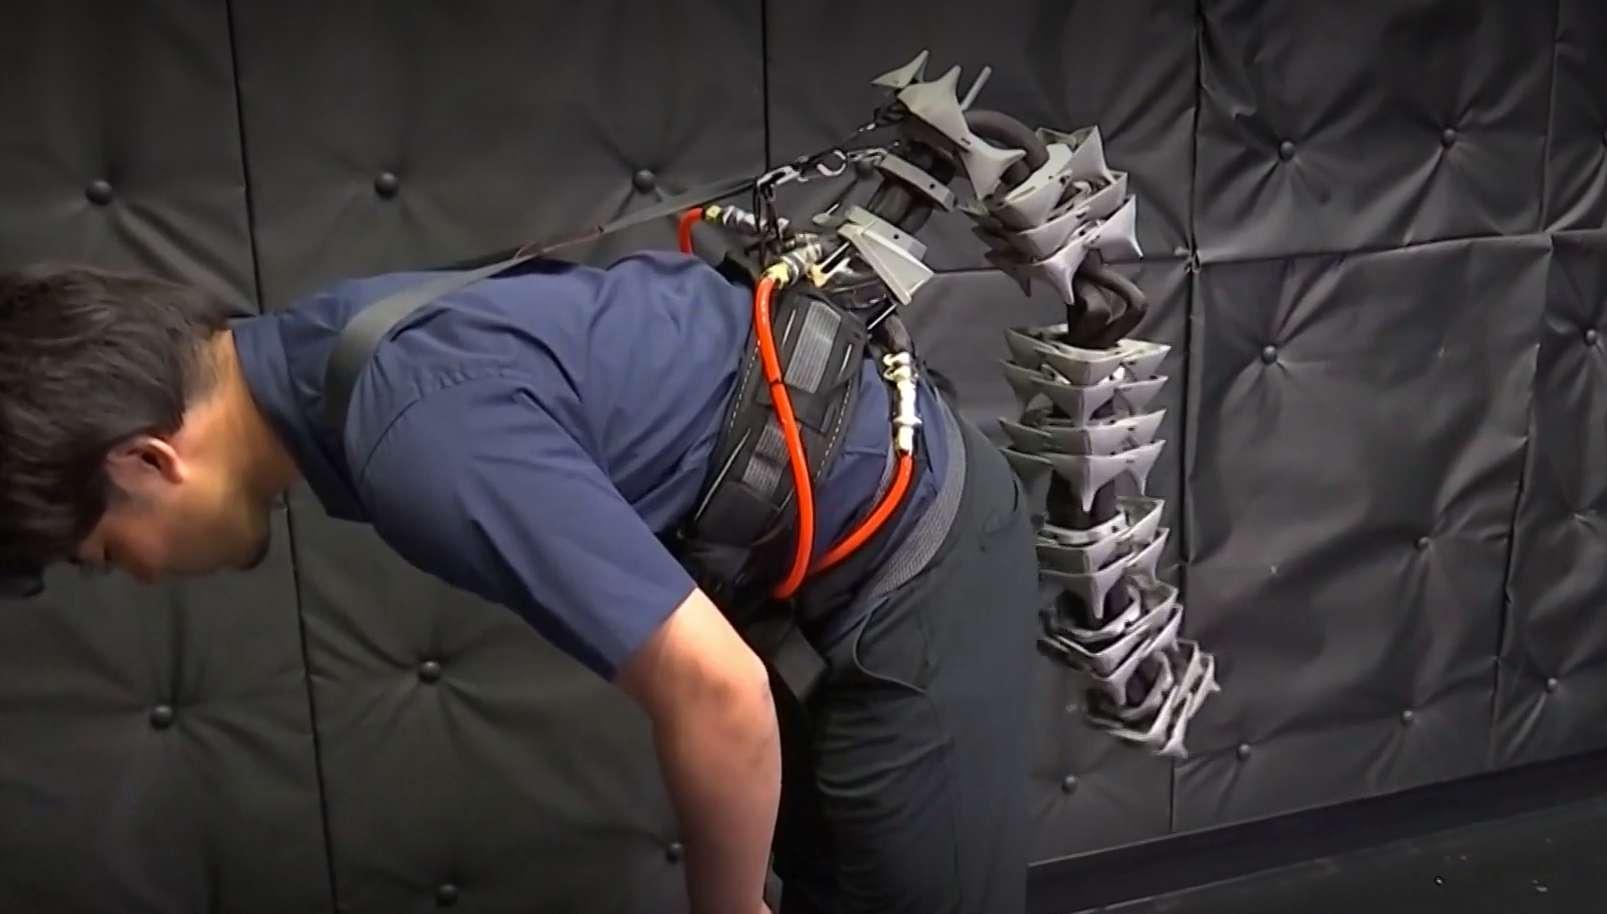 Cette queue robotisée inspirée de l'hippocampe aide les personnes âgées à garder leur équilibre. © Reuters, YouTube